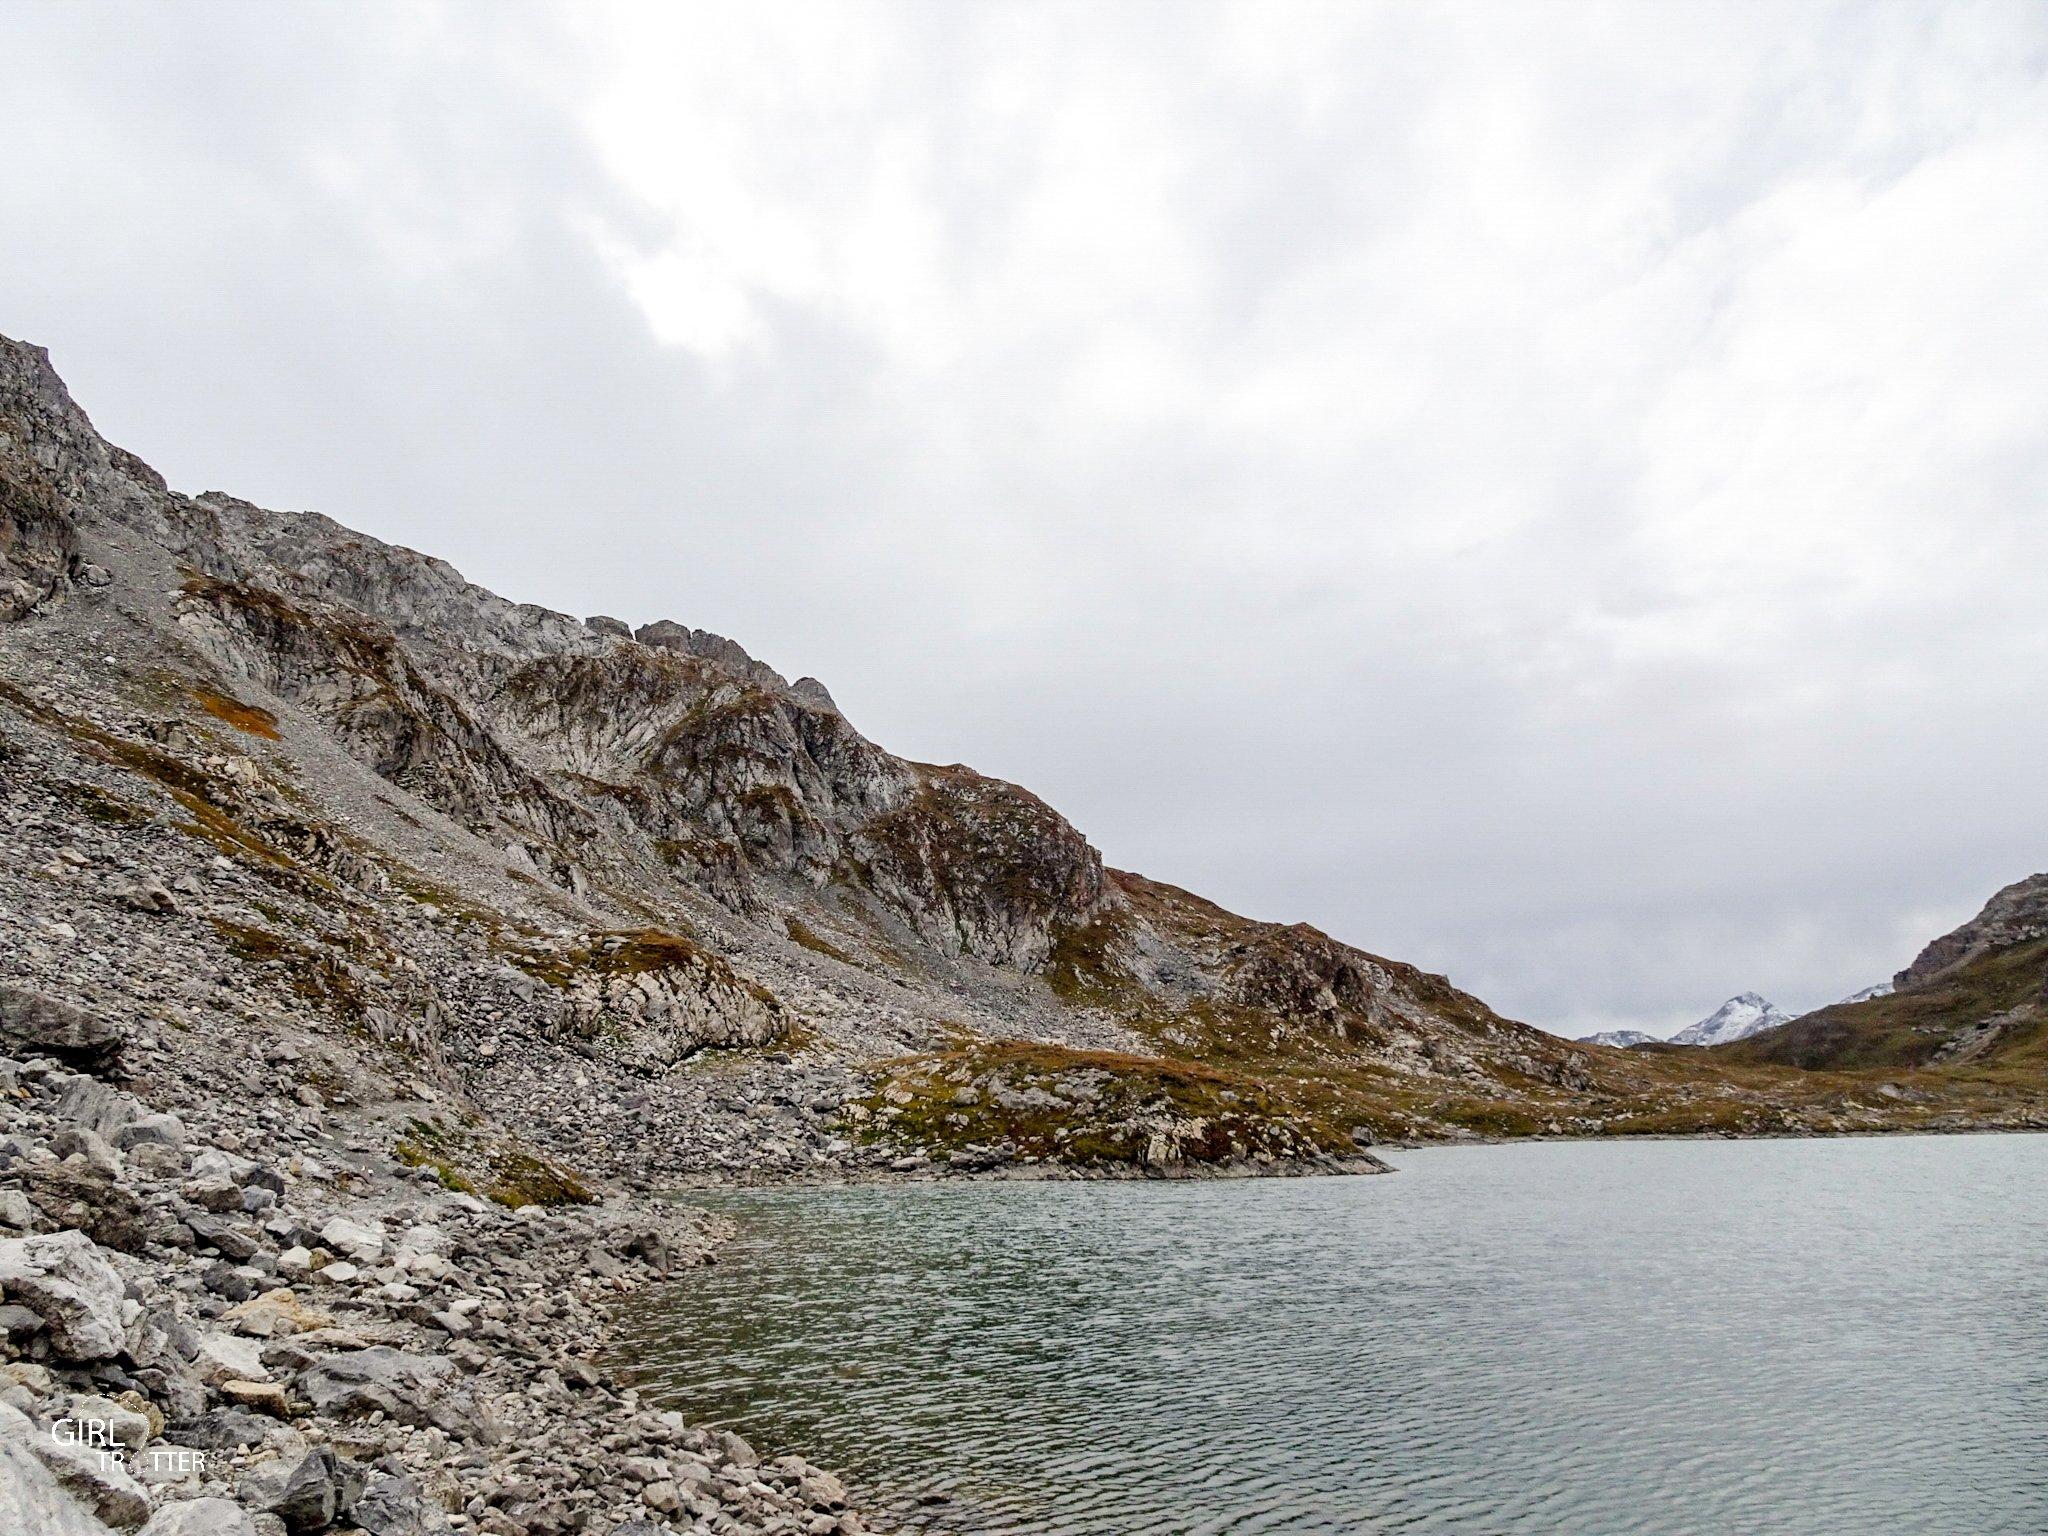 Rando 4 lacs - Lac de Cerces - Valloire